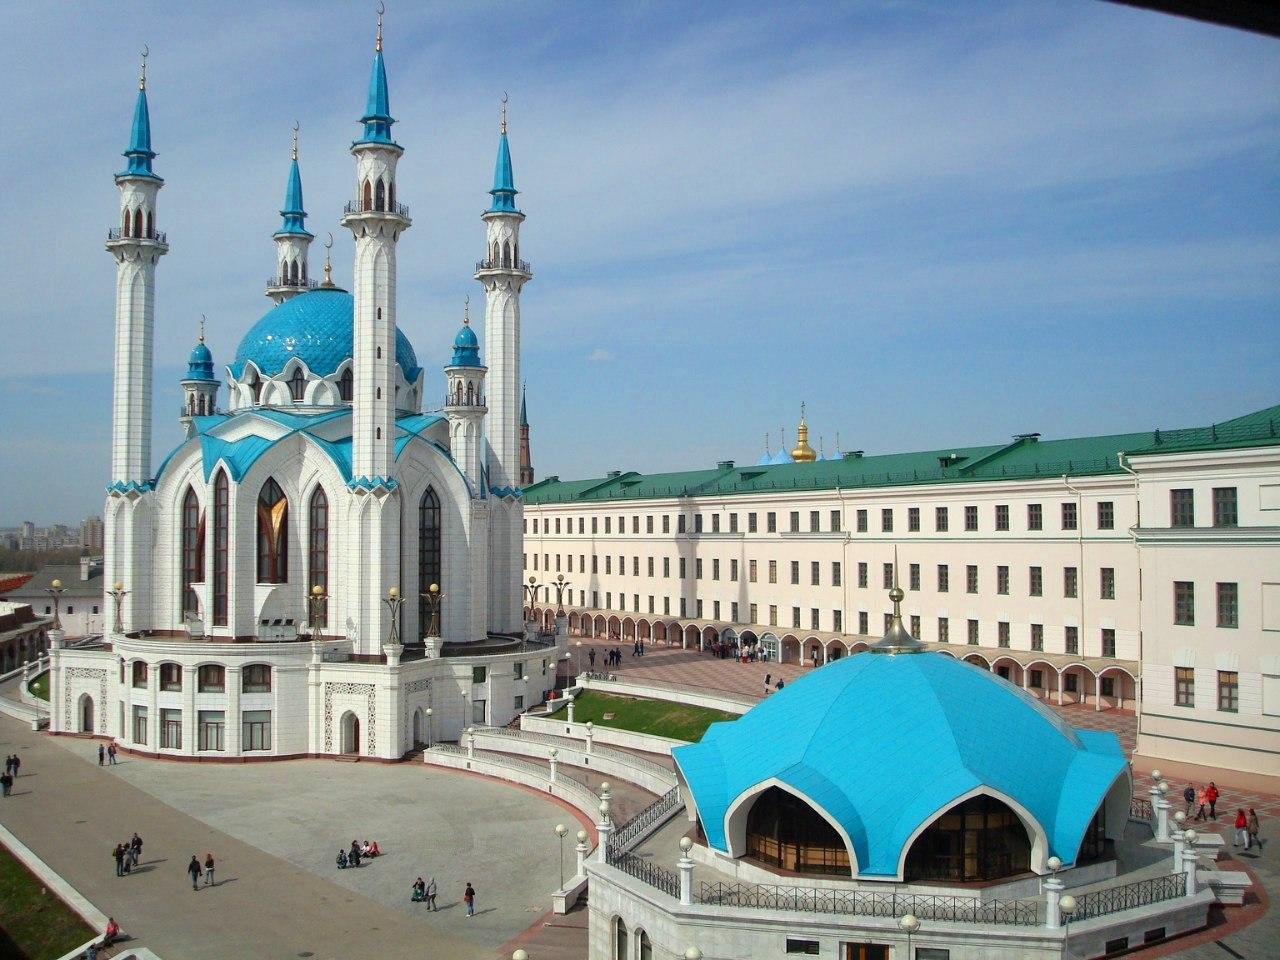 Знаменитые места Казани: куда отправиться в главном городе Татарстана?